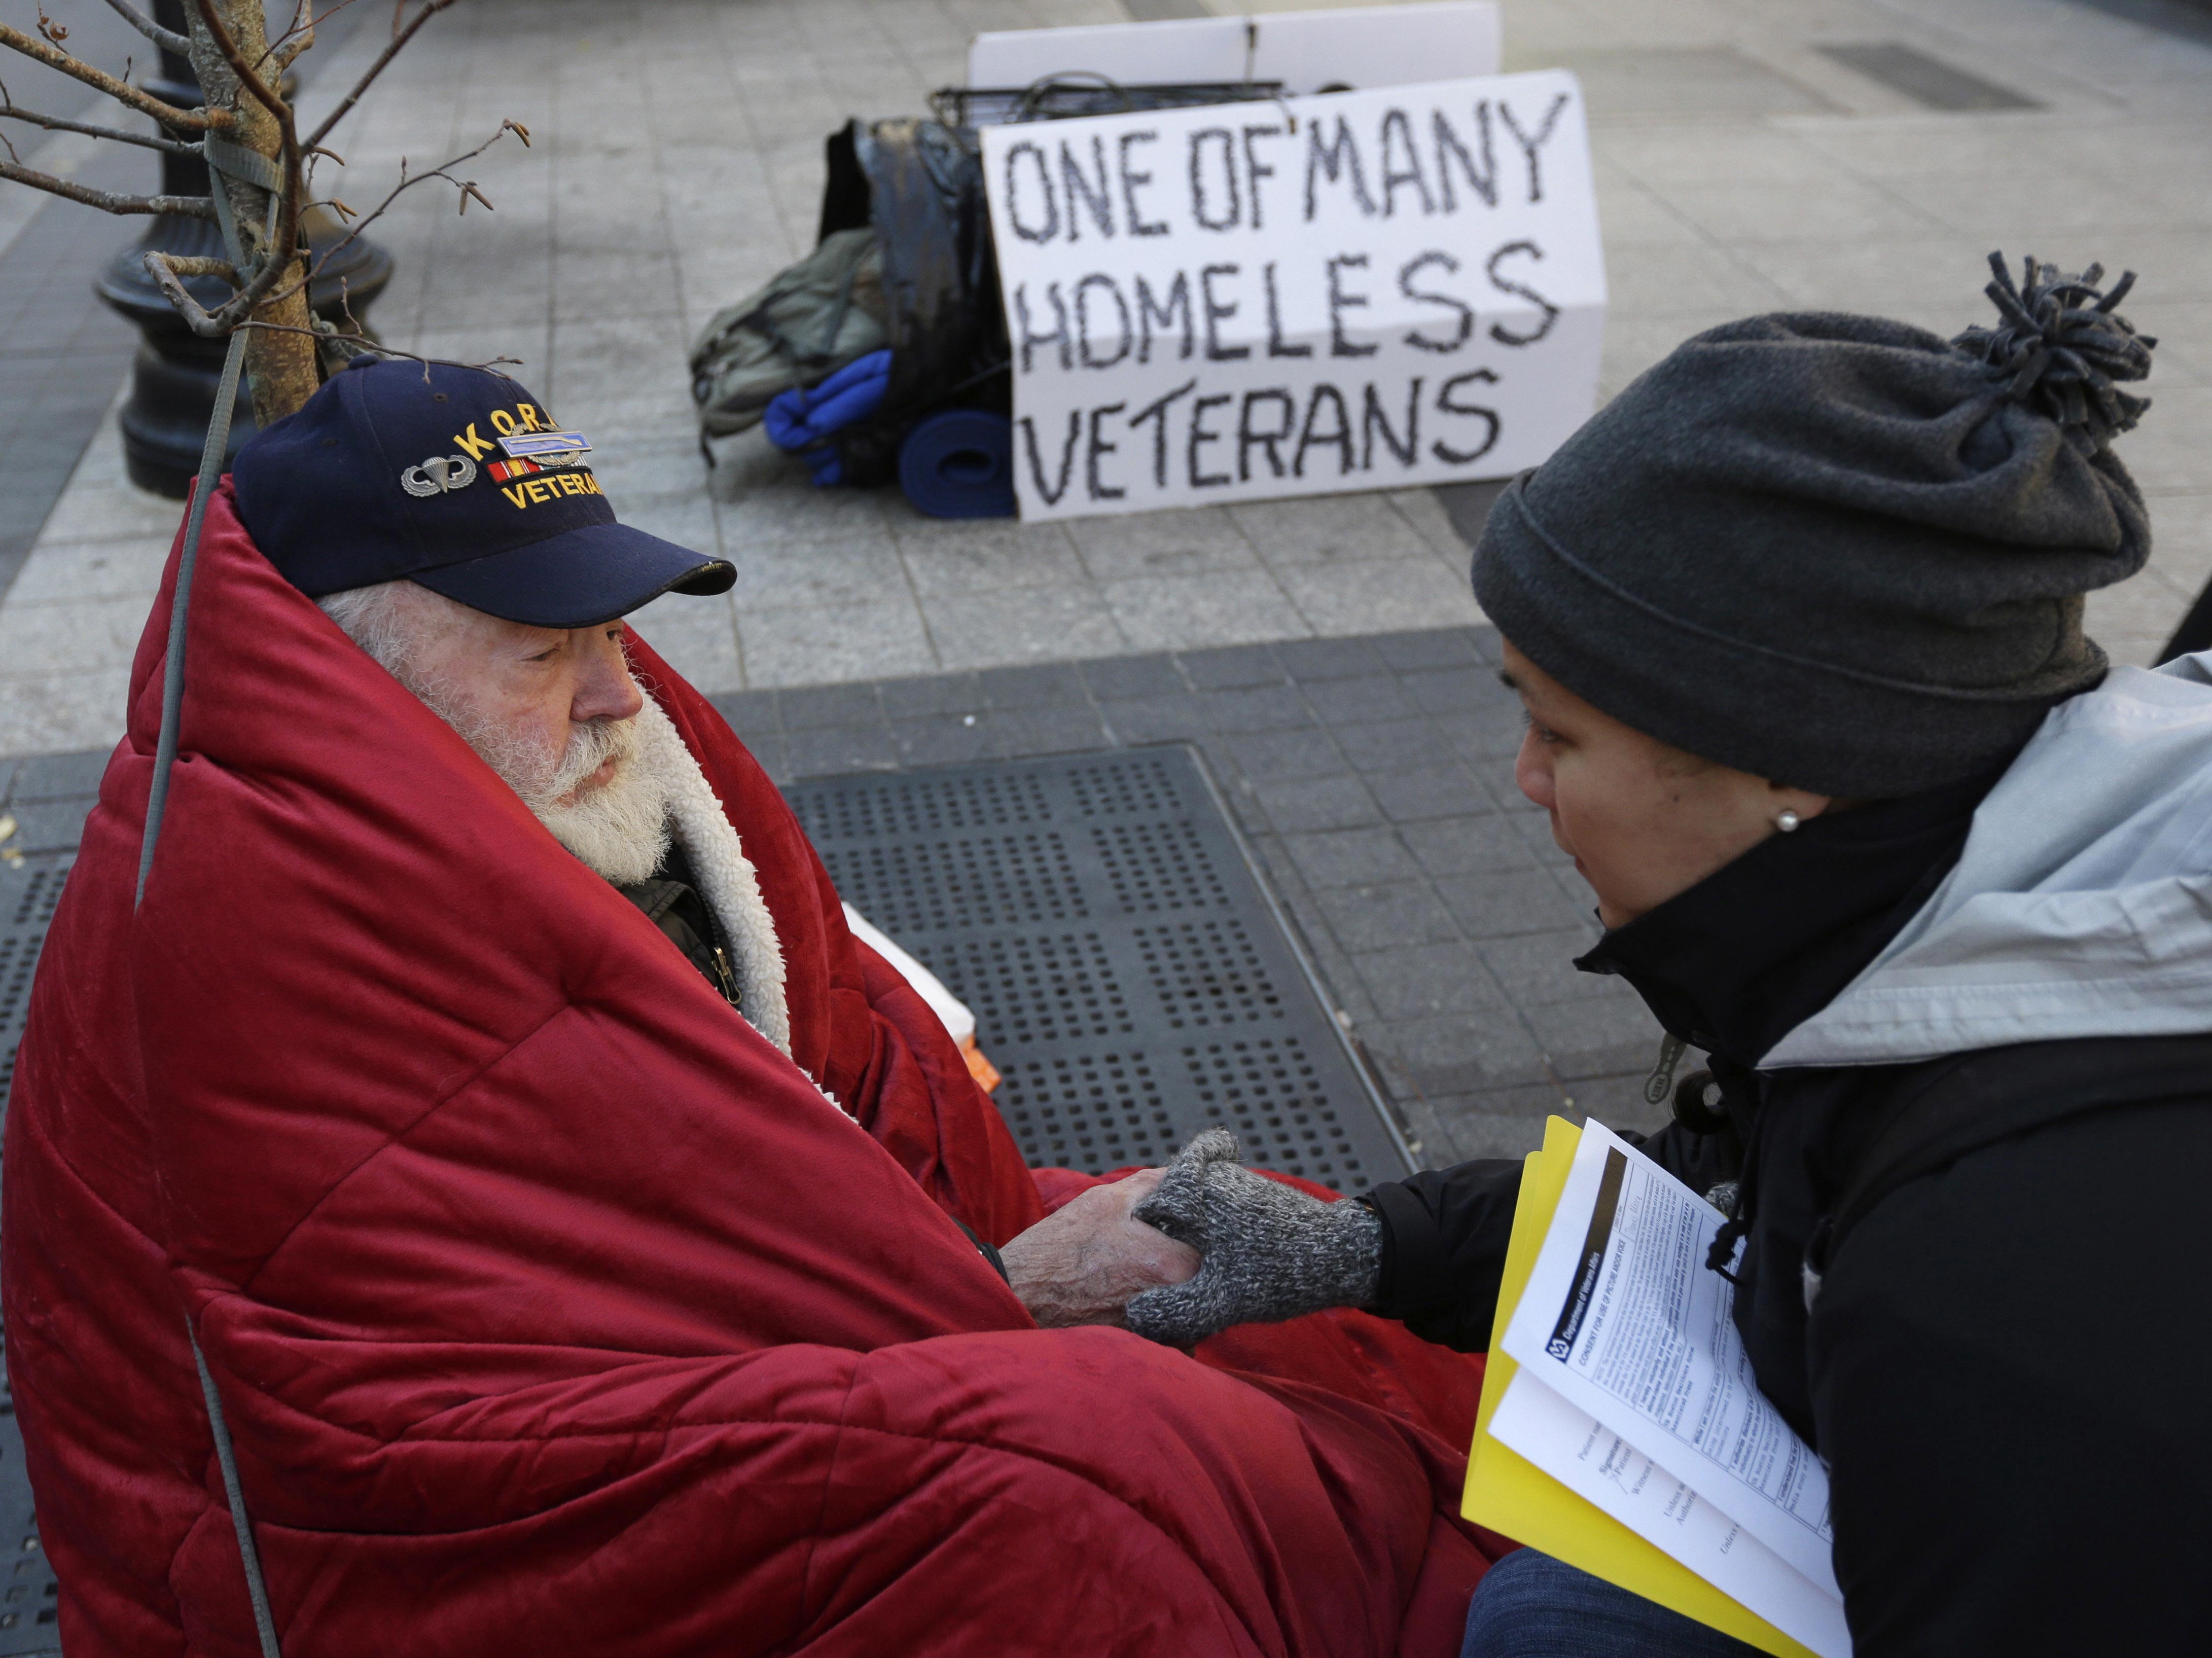 Veterans-Homelessness